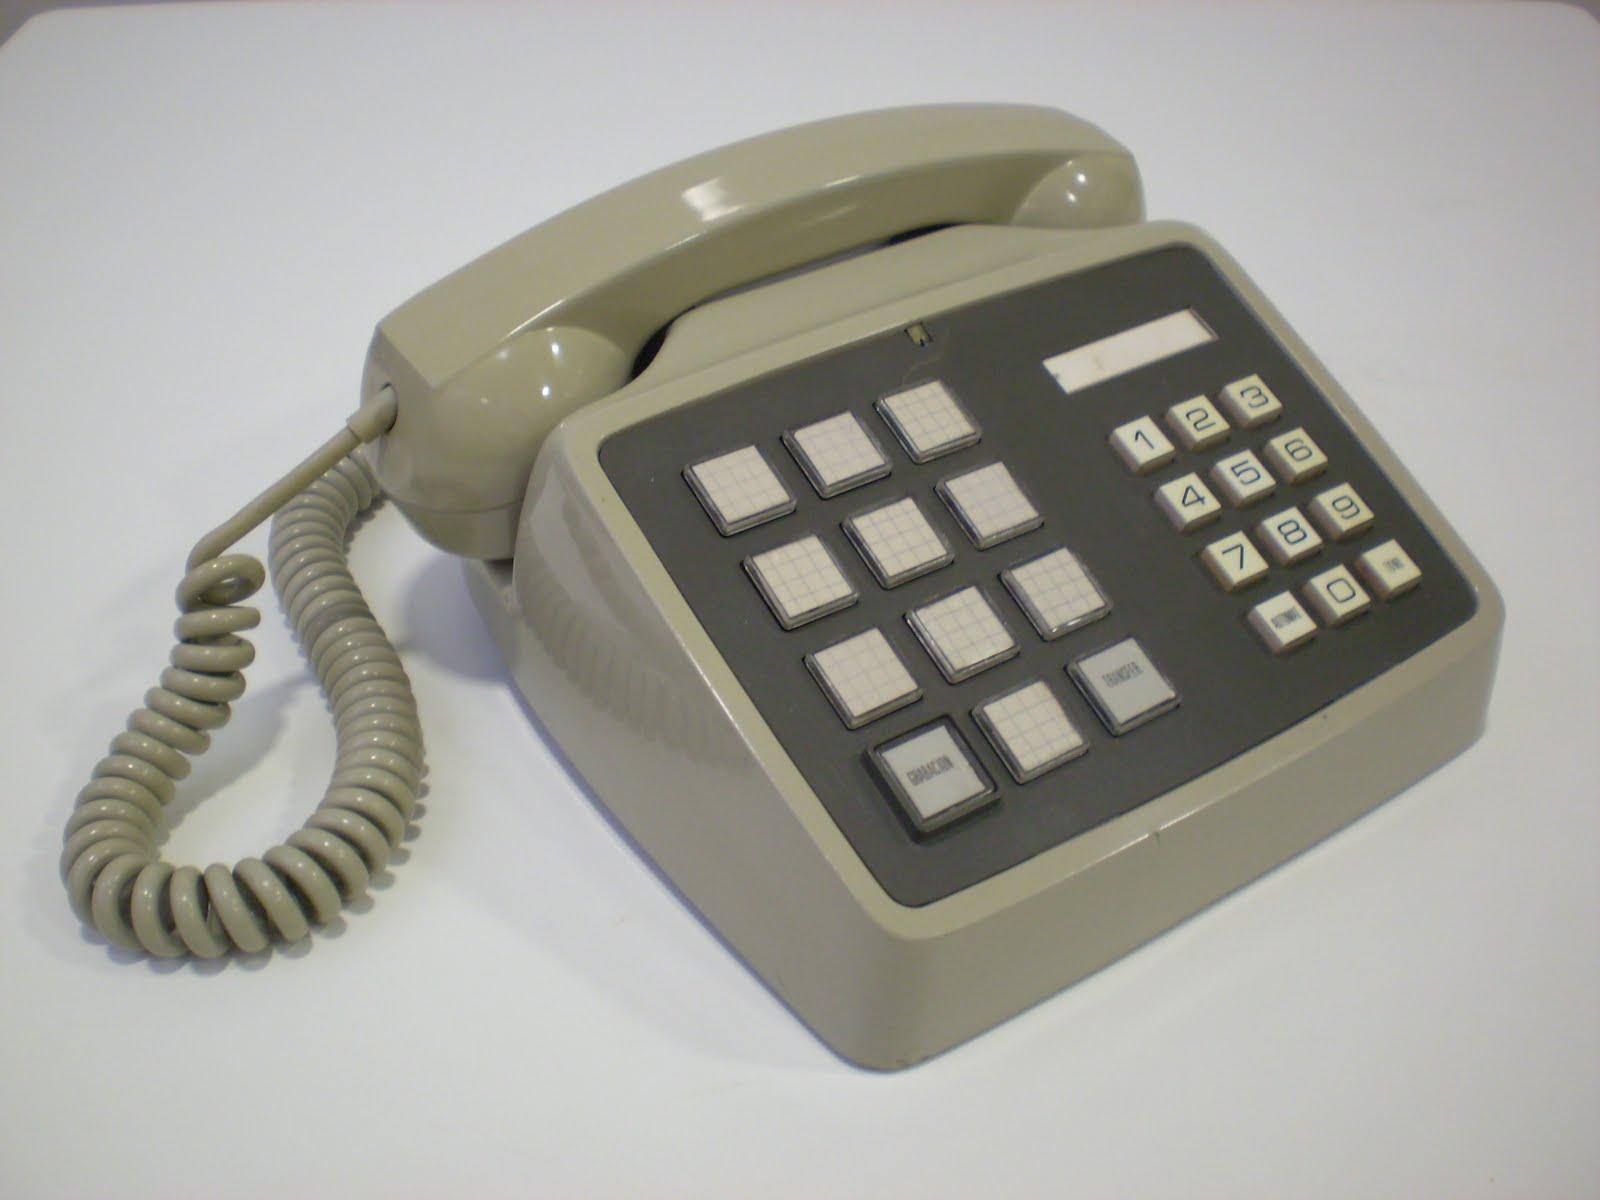 Antig edades urbanas todos los tel fonos de telef nica for La oficina telefono